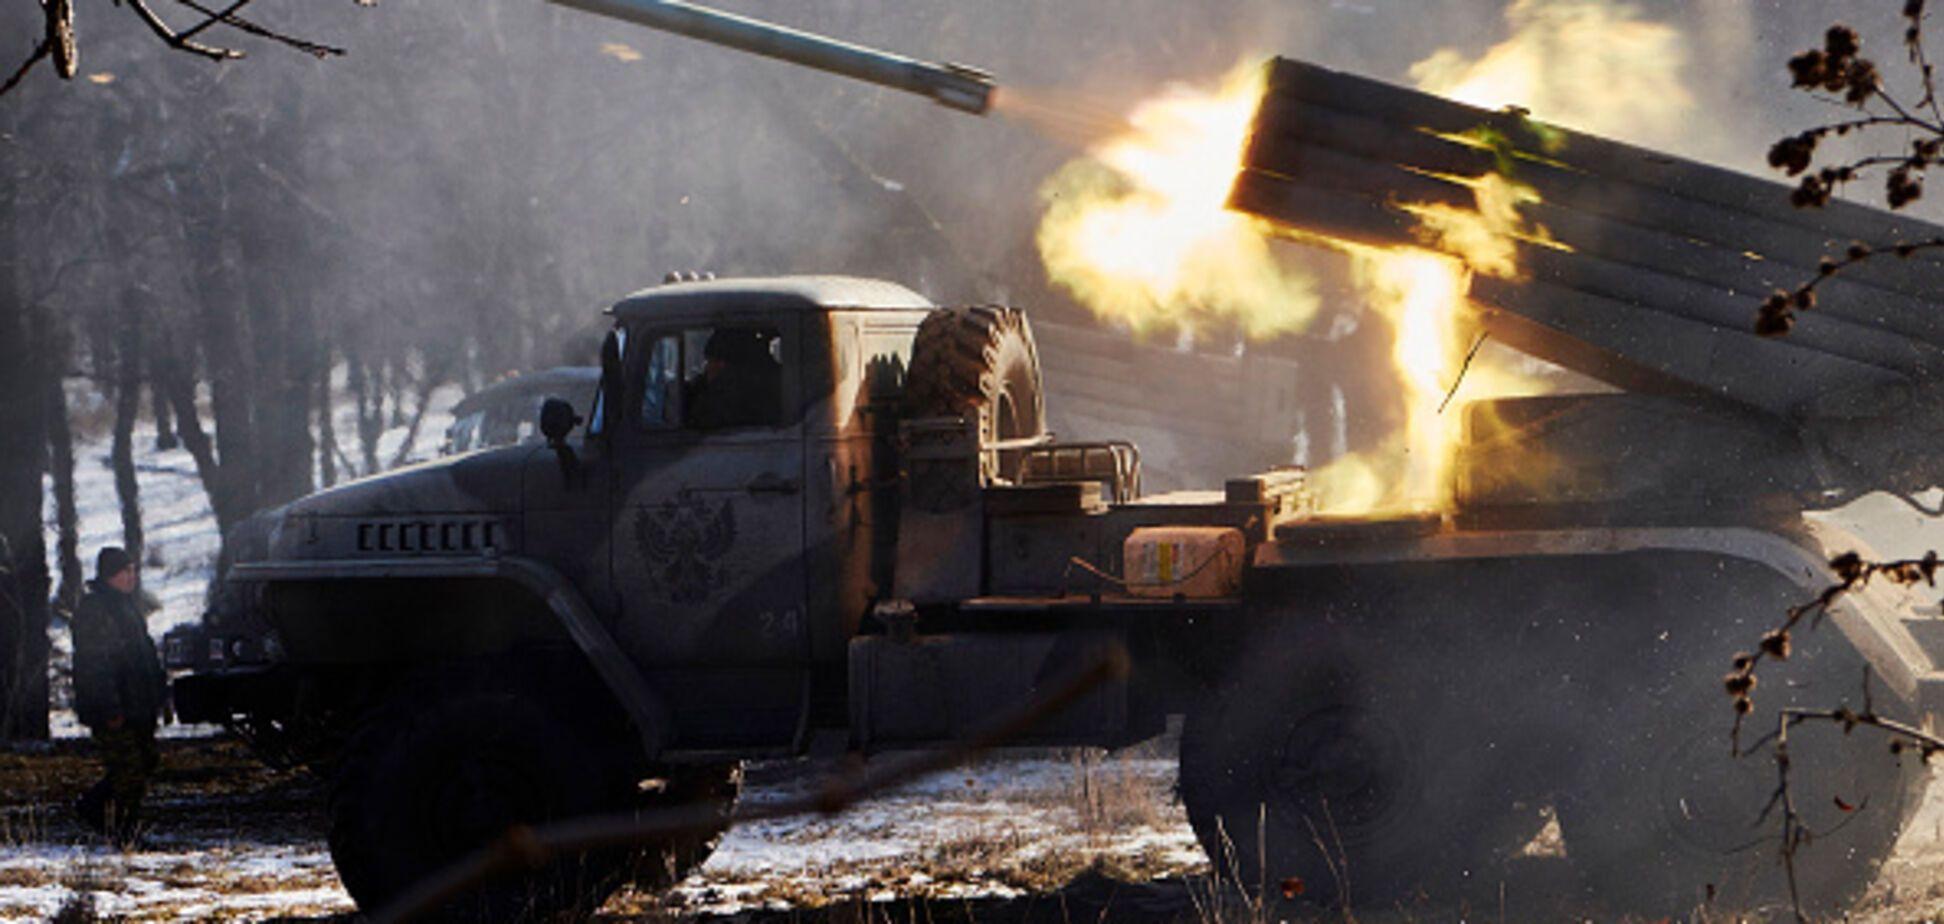 'ДНР' применила тяжелое оружие по подконтрольному ей городу